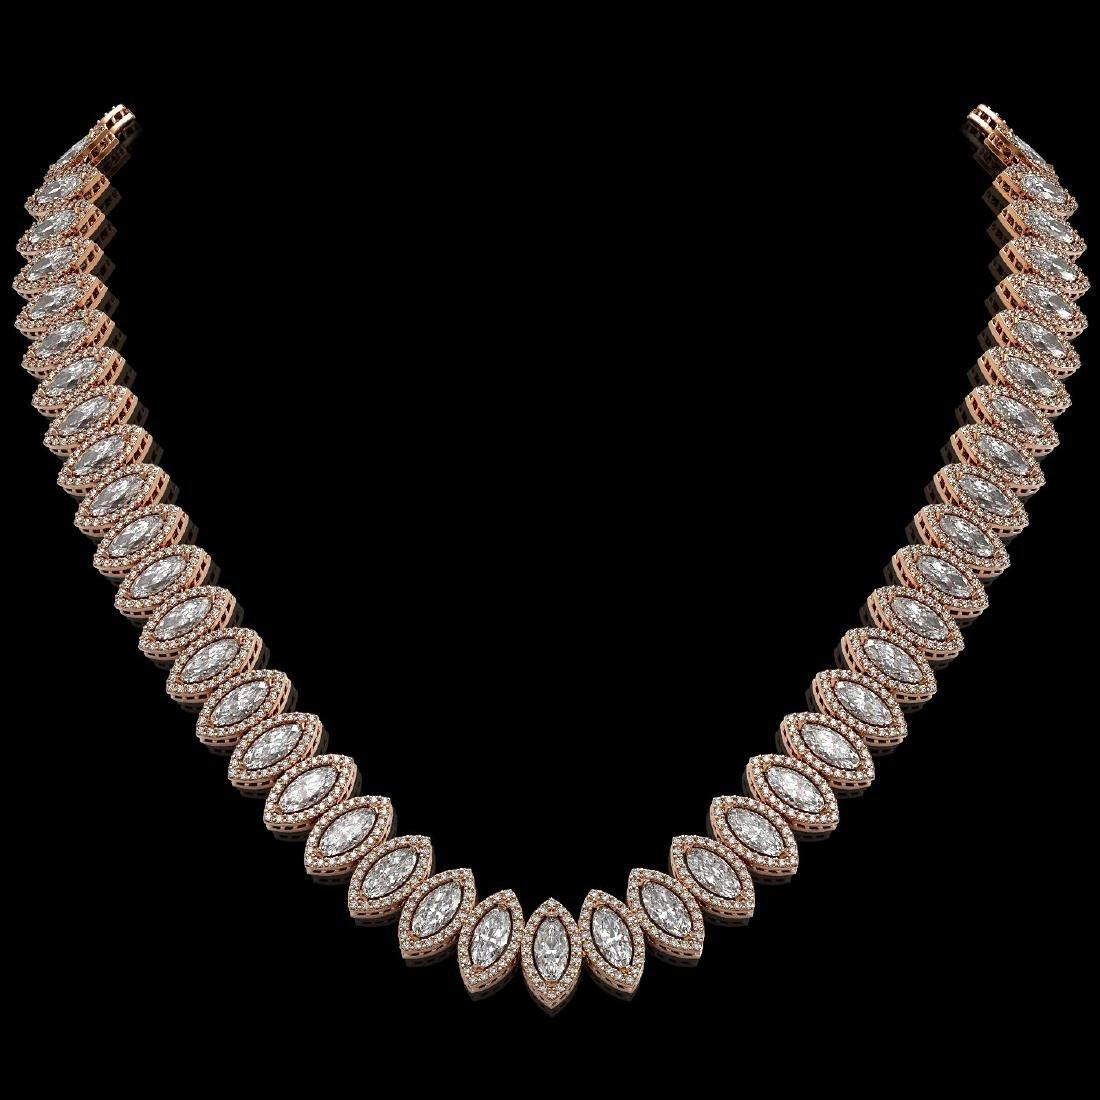 39.68 CTW Marquise Diamond Designer Necklace 18K Rose